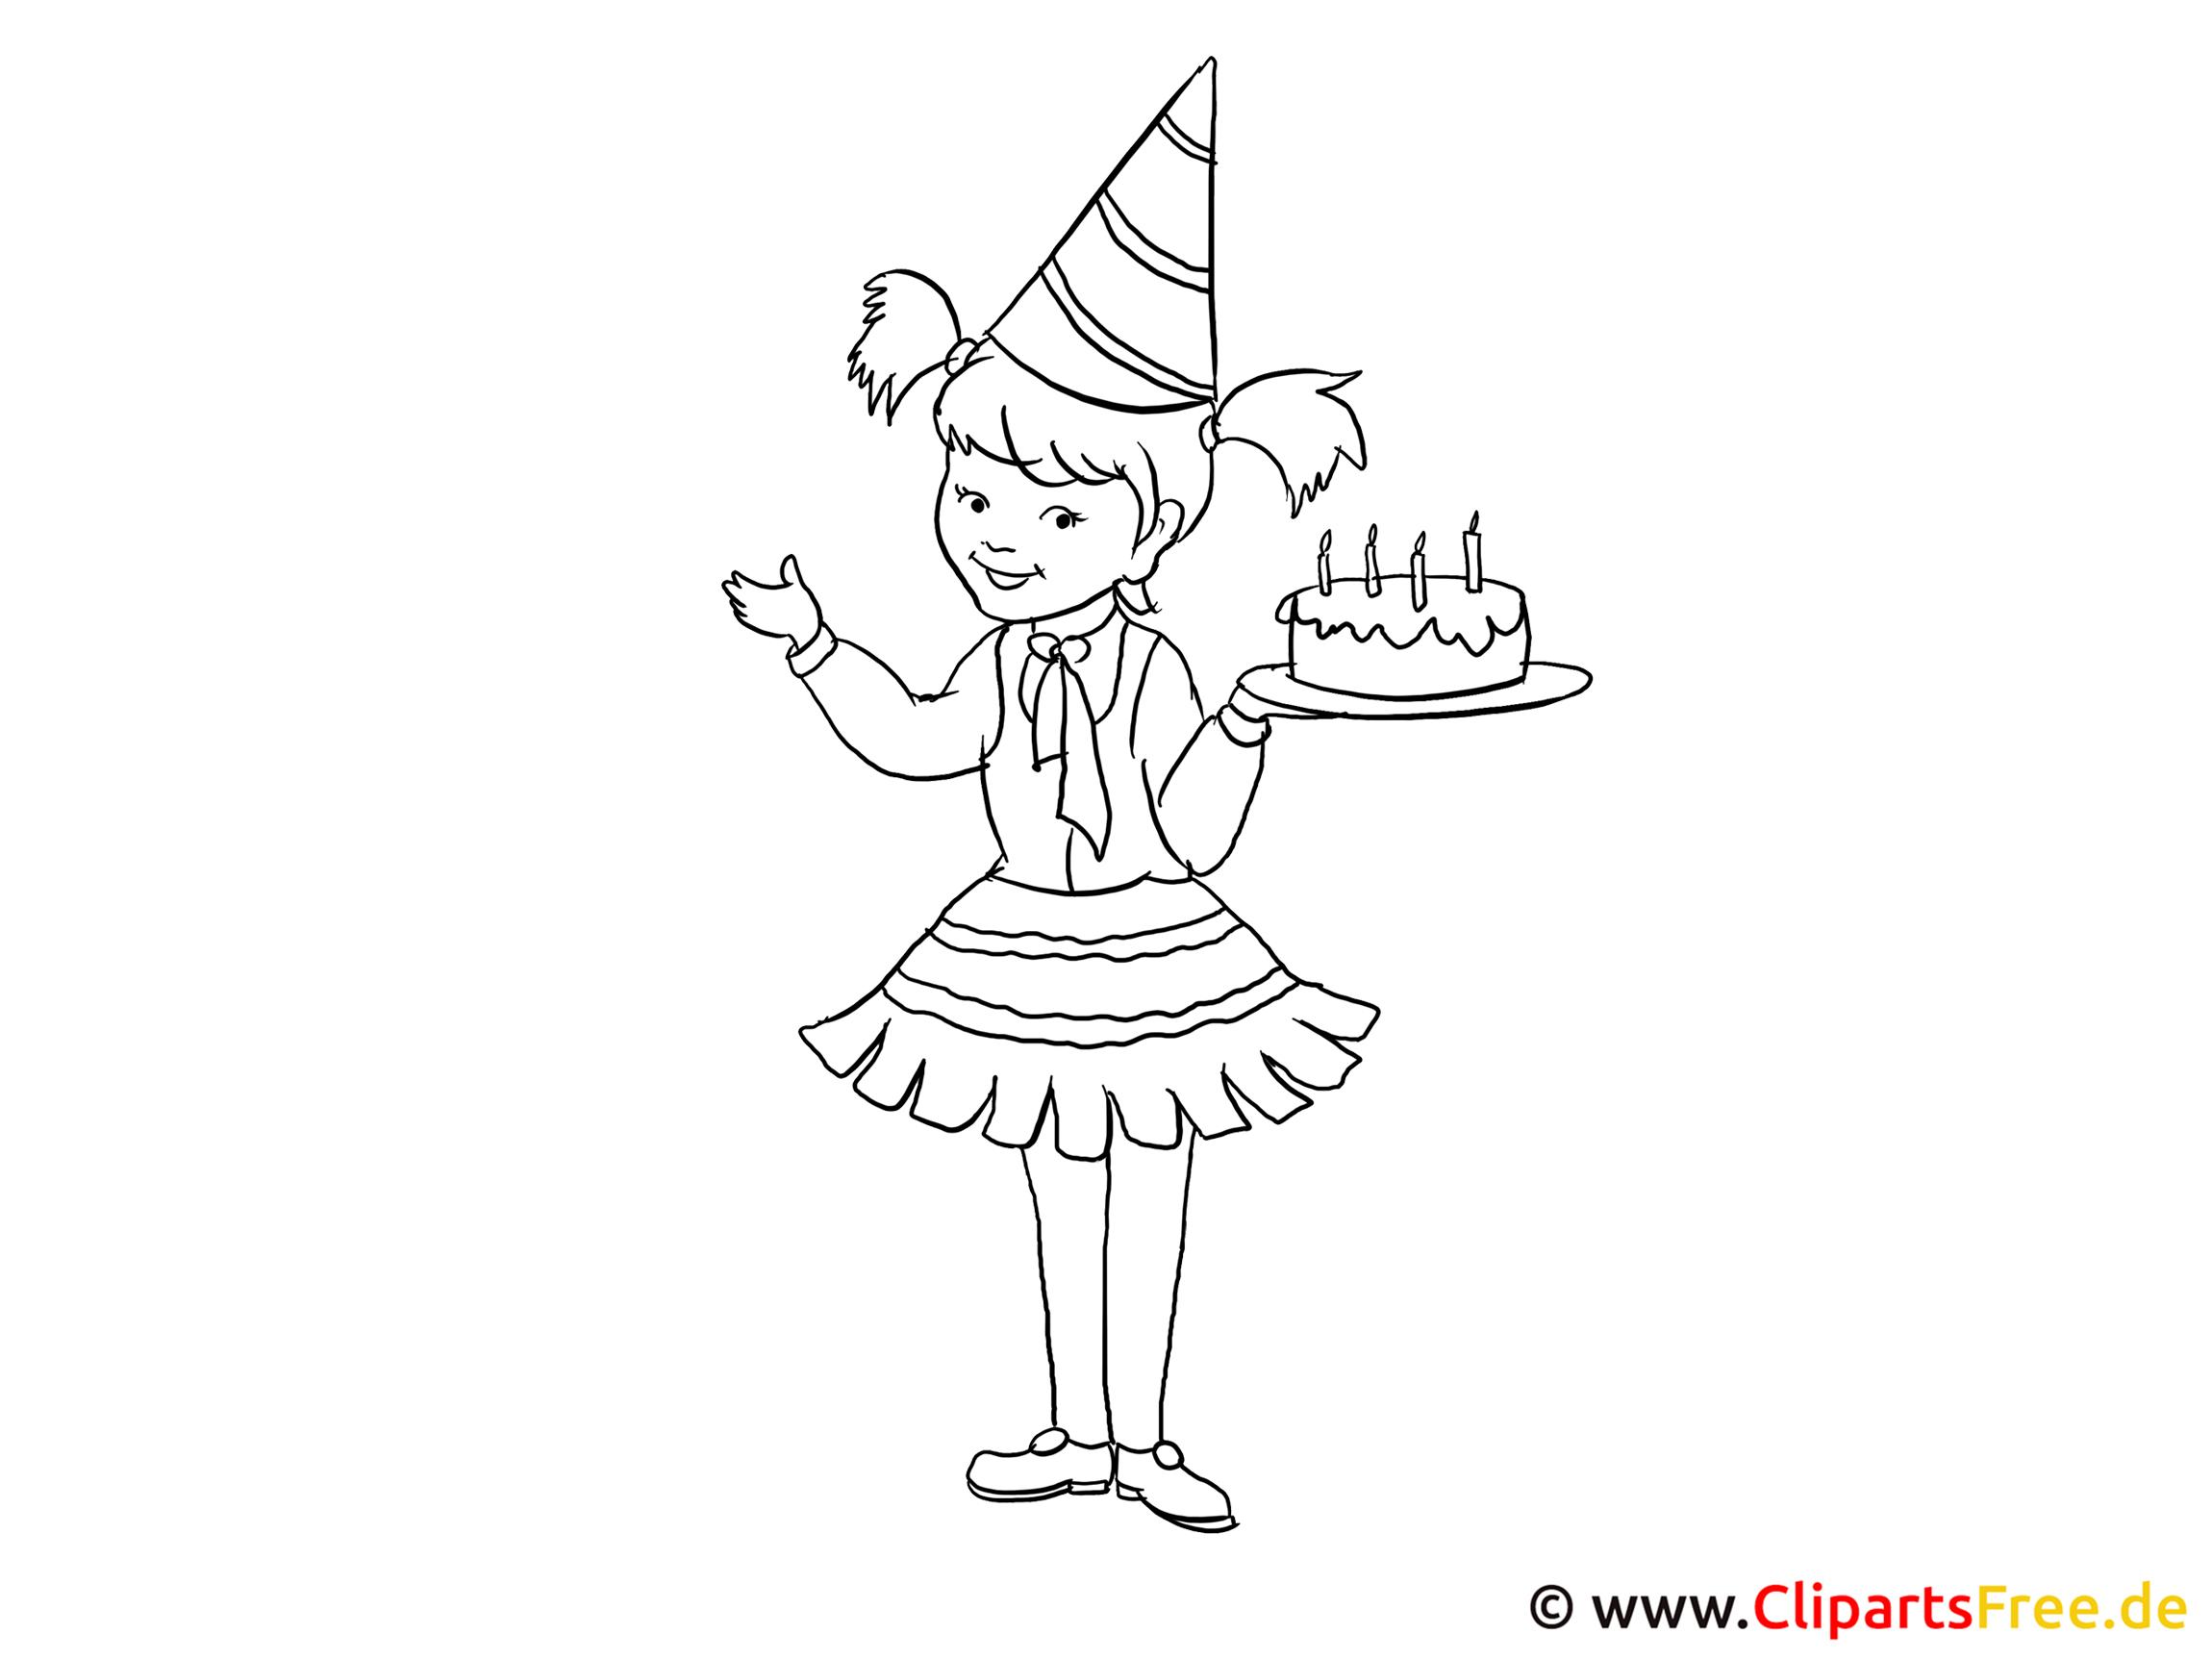 Geburtstag - Kinderbilder Zum Ausmalen verwandt mit Kinderbilder Zum Ausmalen